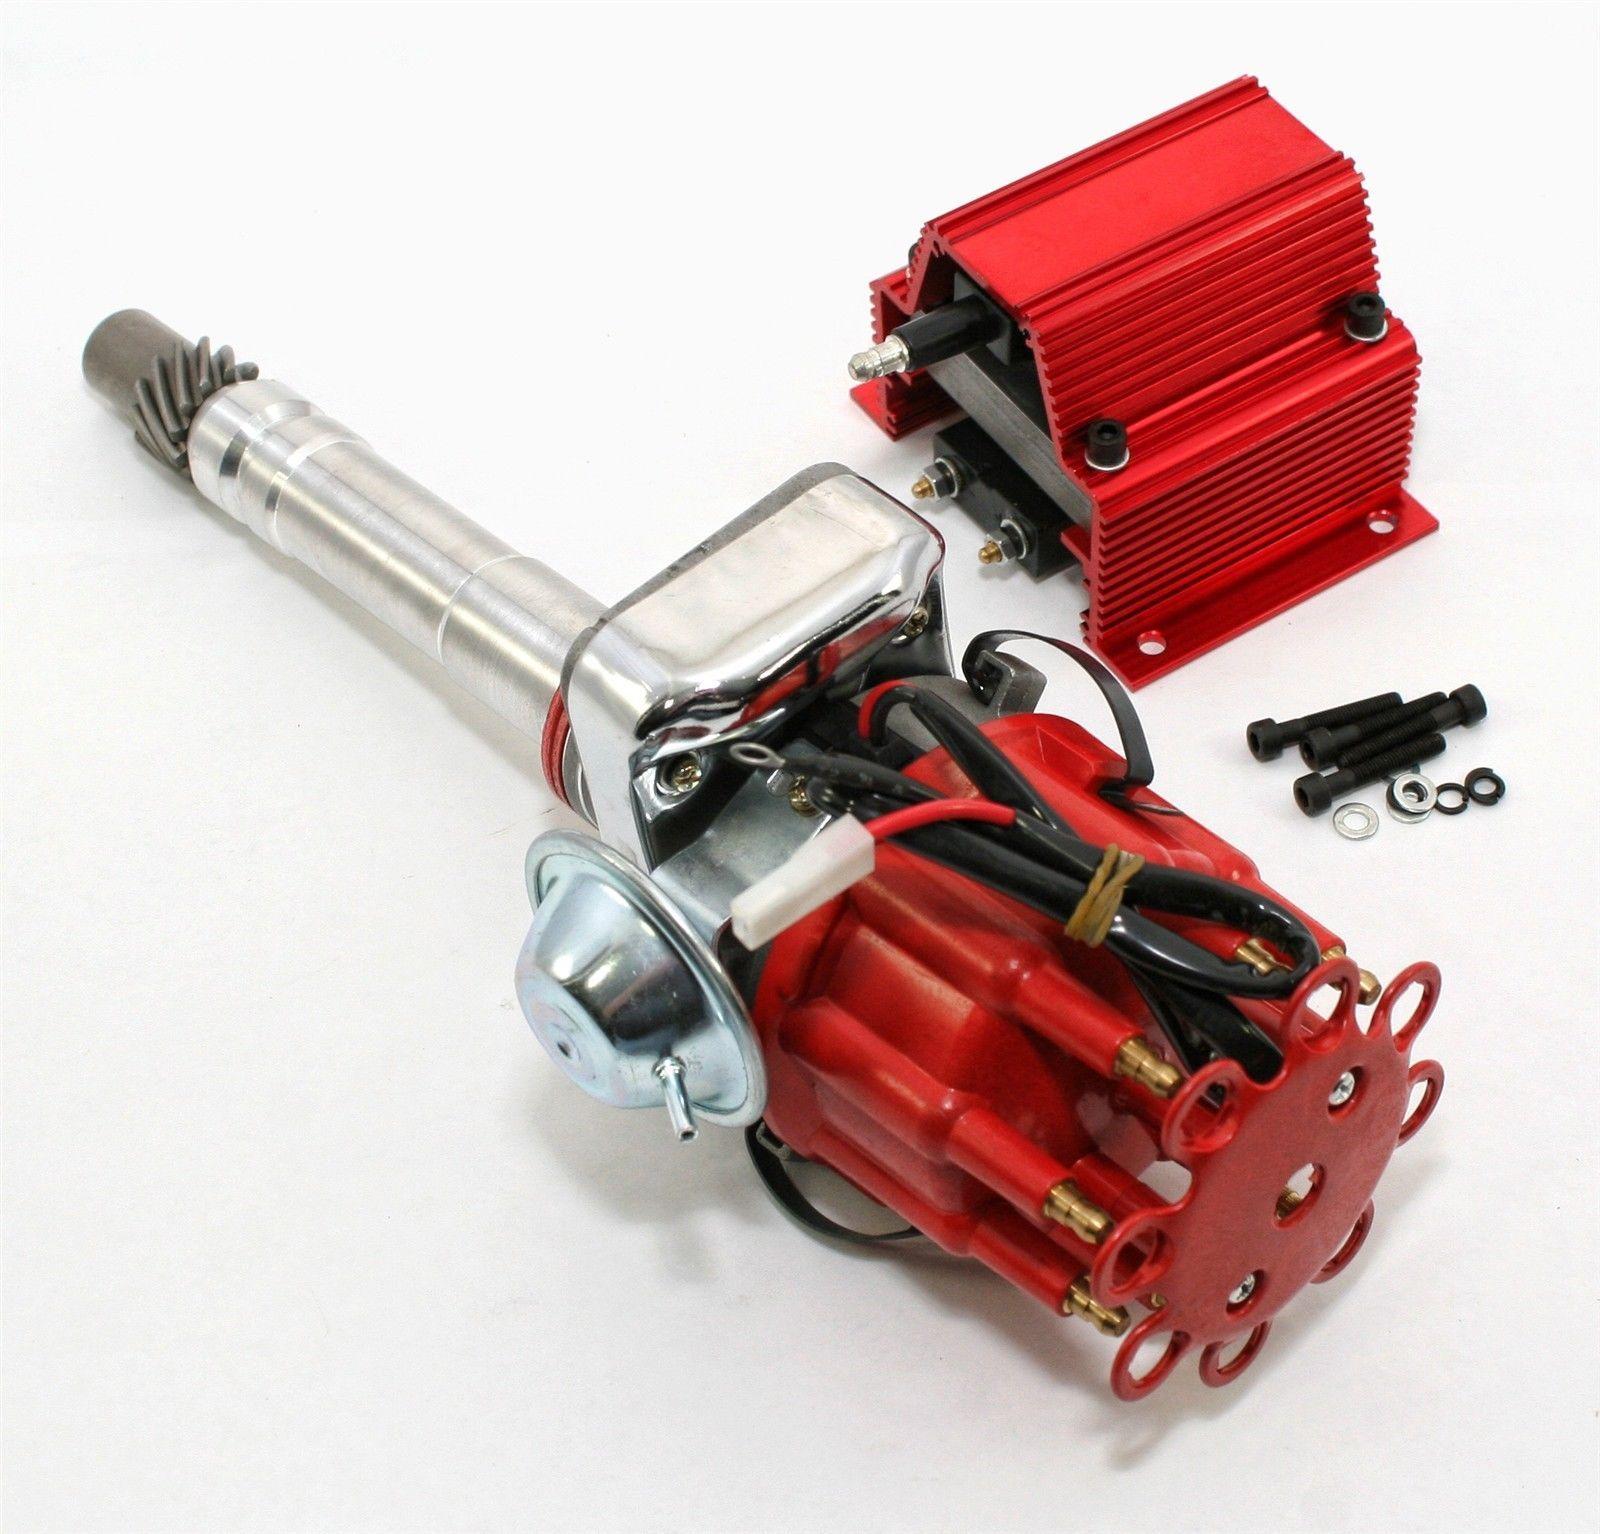 Sbc Bbc Small Big Block Chevy 350 454 Electronic Distributor W E Core Coil Motors Parts Accessories Pe323r Kit Electronic Distributors Big Block Chevy